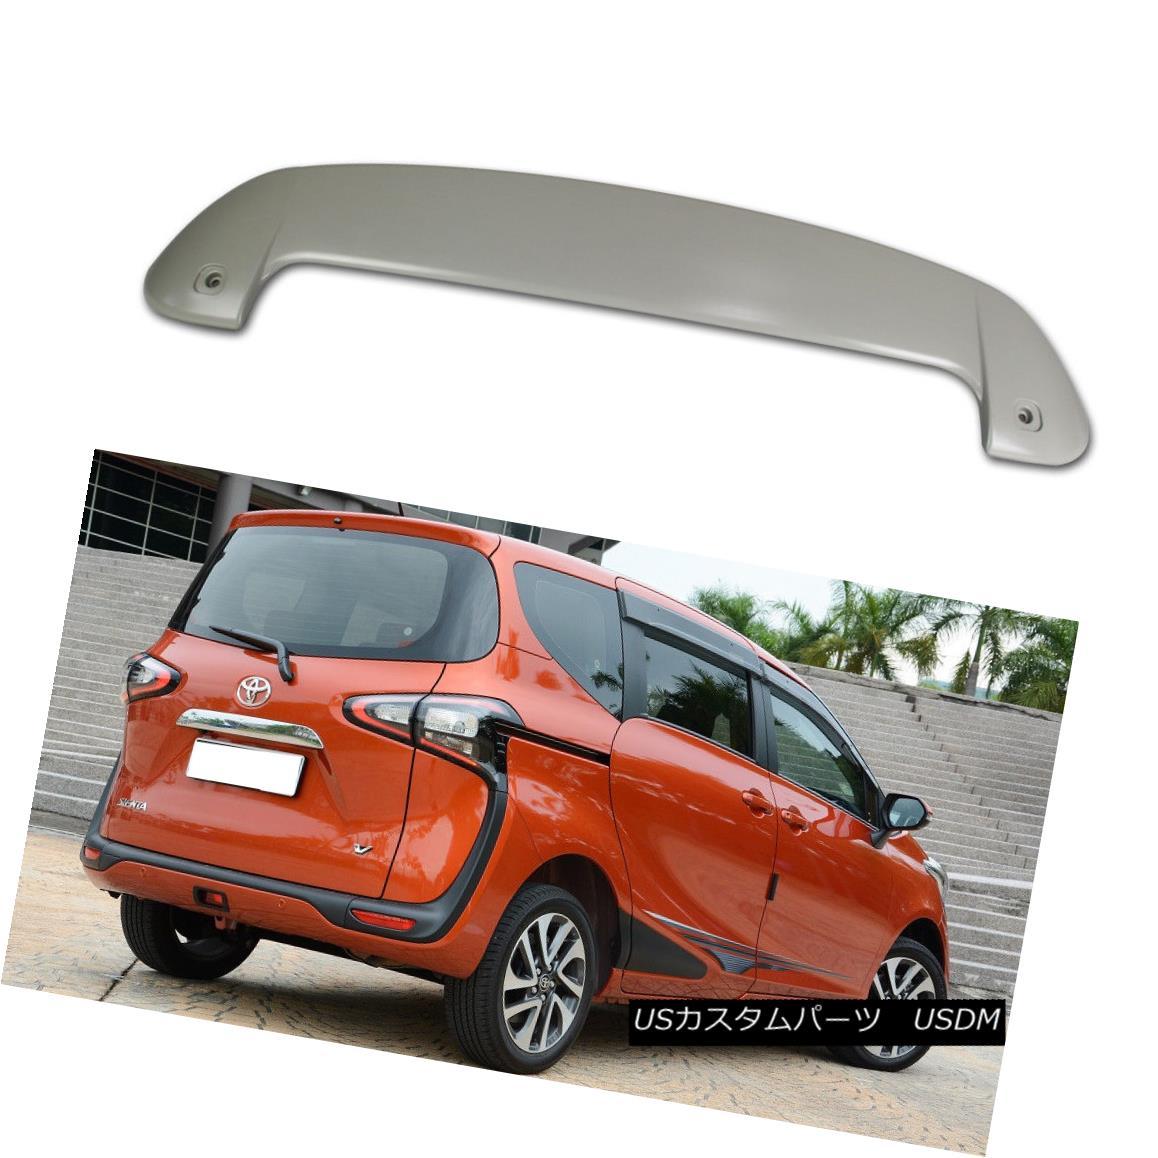 エアロパーツ Painted For TOYOTA 2nd Sienta 5D Hatchback Rear Trunk / Roof Spoiler ABS NEW 18 塗装トヨタ第2シエンタ5Dハッチバックリアトランク/ルーフスポイラーABS NEW 18